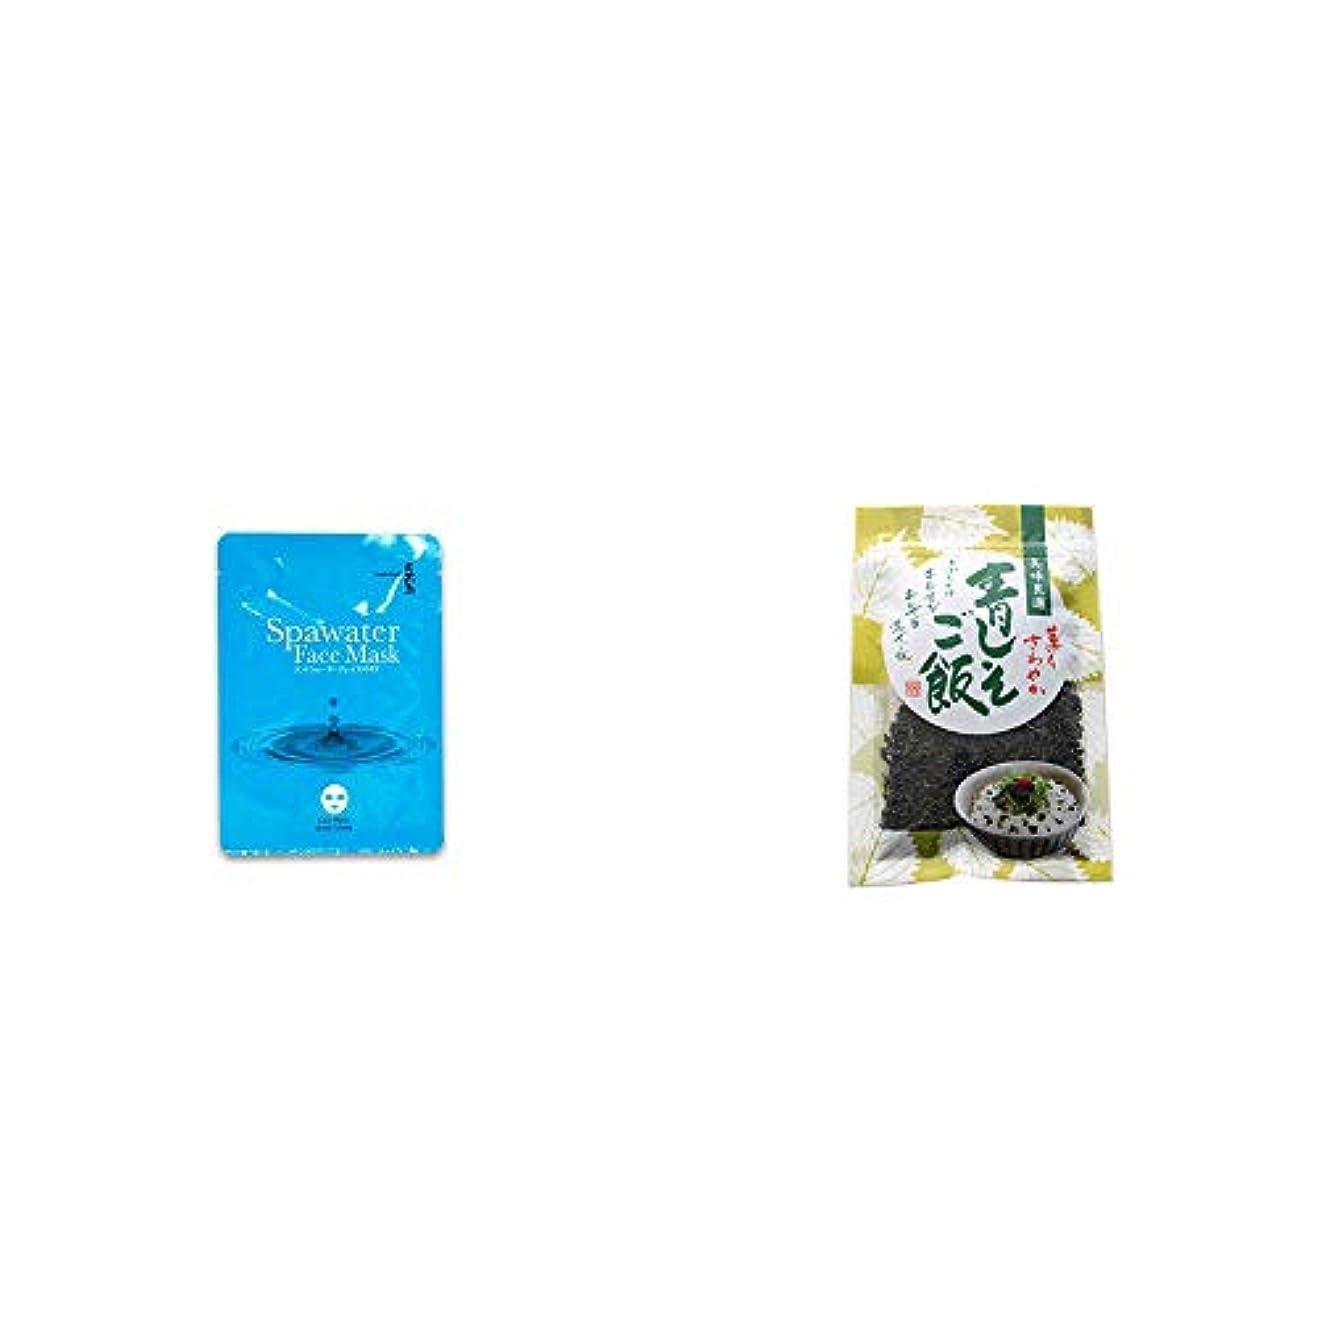 ご覧ください歯科の袋[2点セット] ひのき炭黒泉 スパウォーターフェイスマスク(18ml×3枚入)?薫りさわやか 青しそご飯(80g)